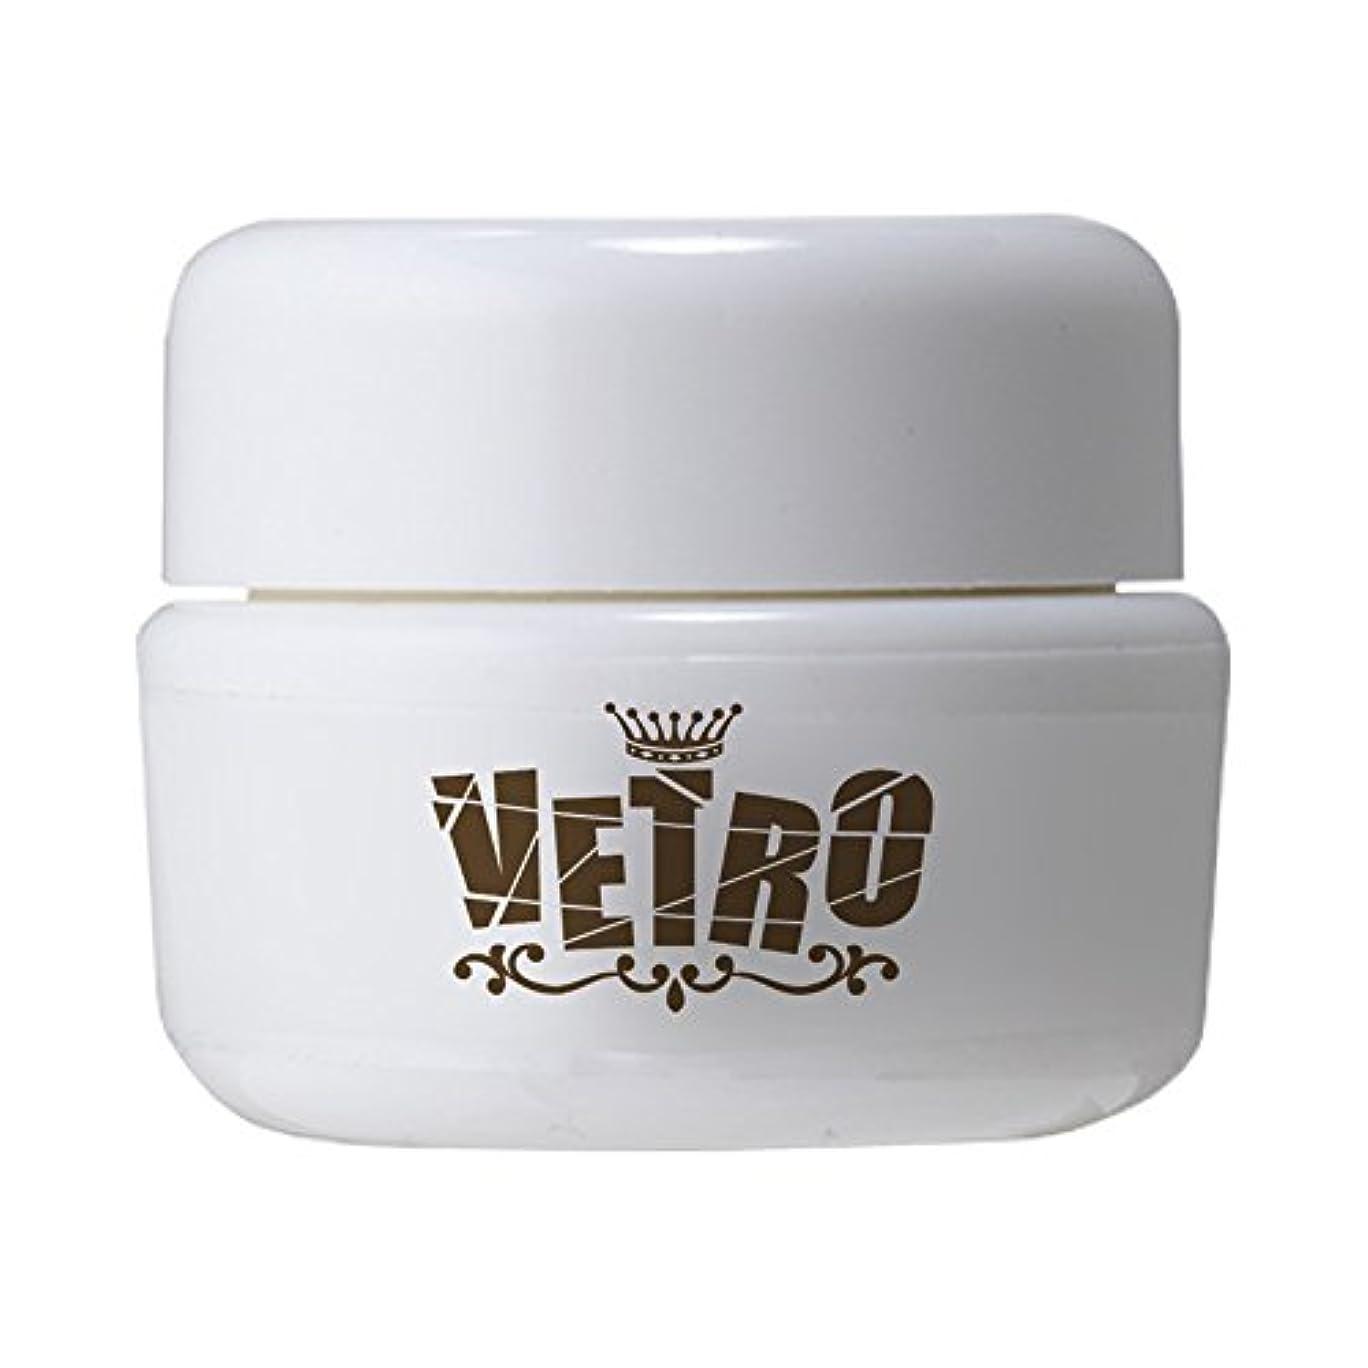 チキンアッティカス通行料金VETRO No.19 カラージェル パール VL079 サテンホワイト 4ml